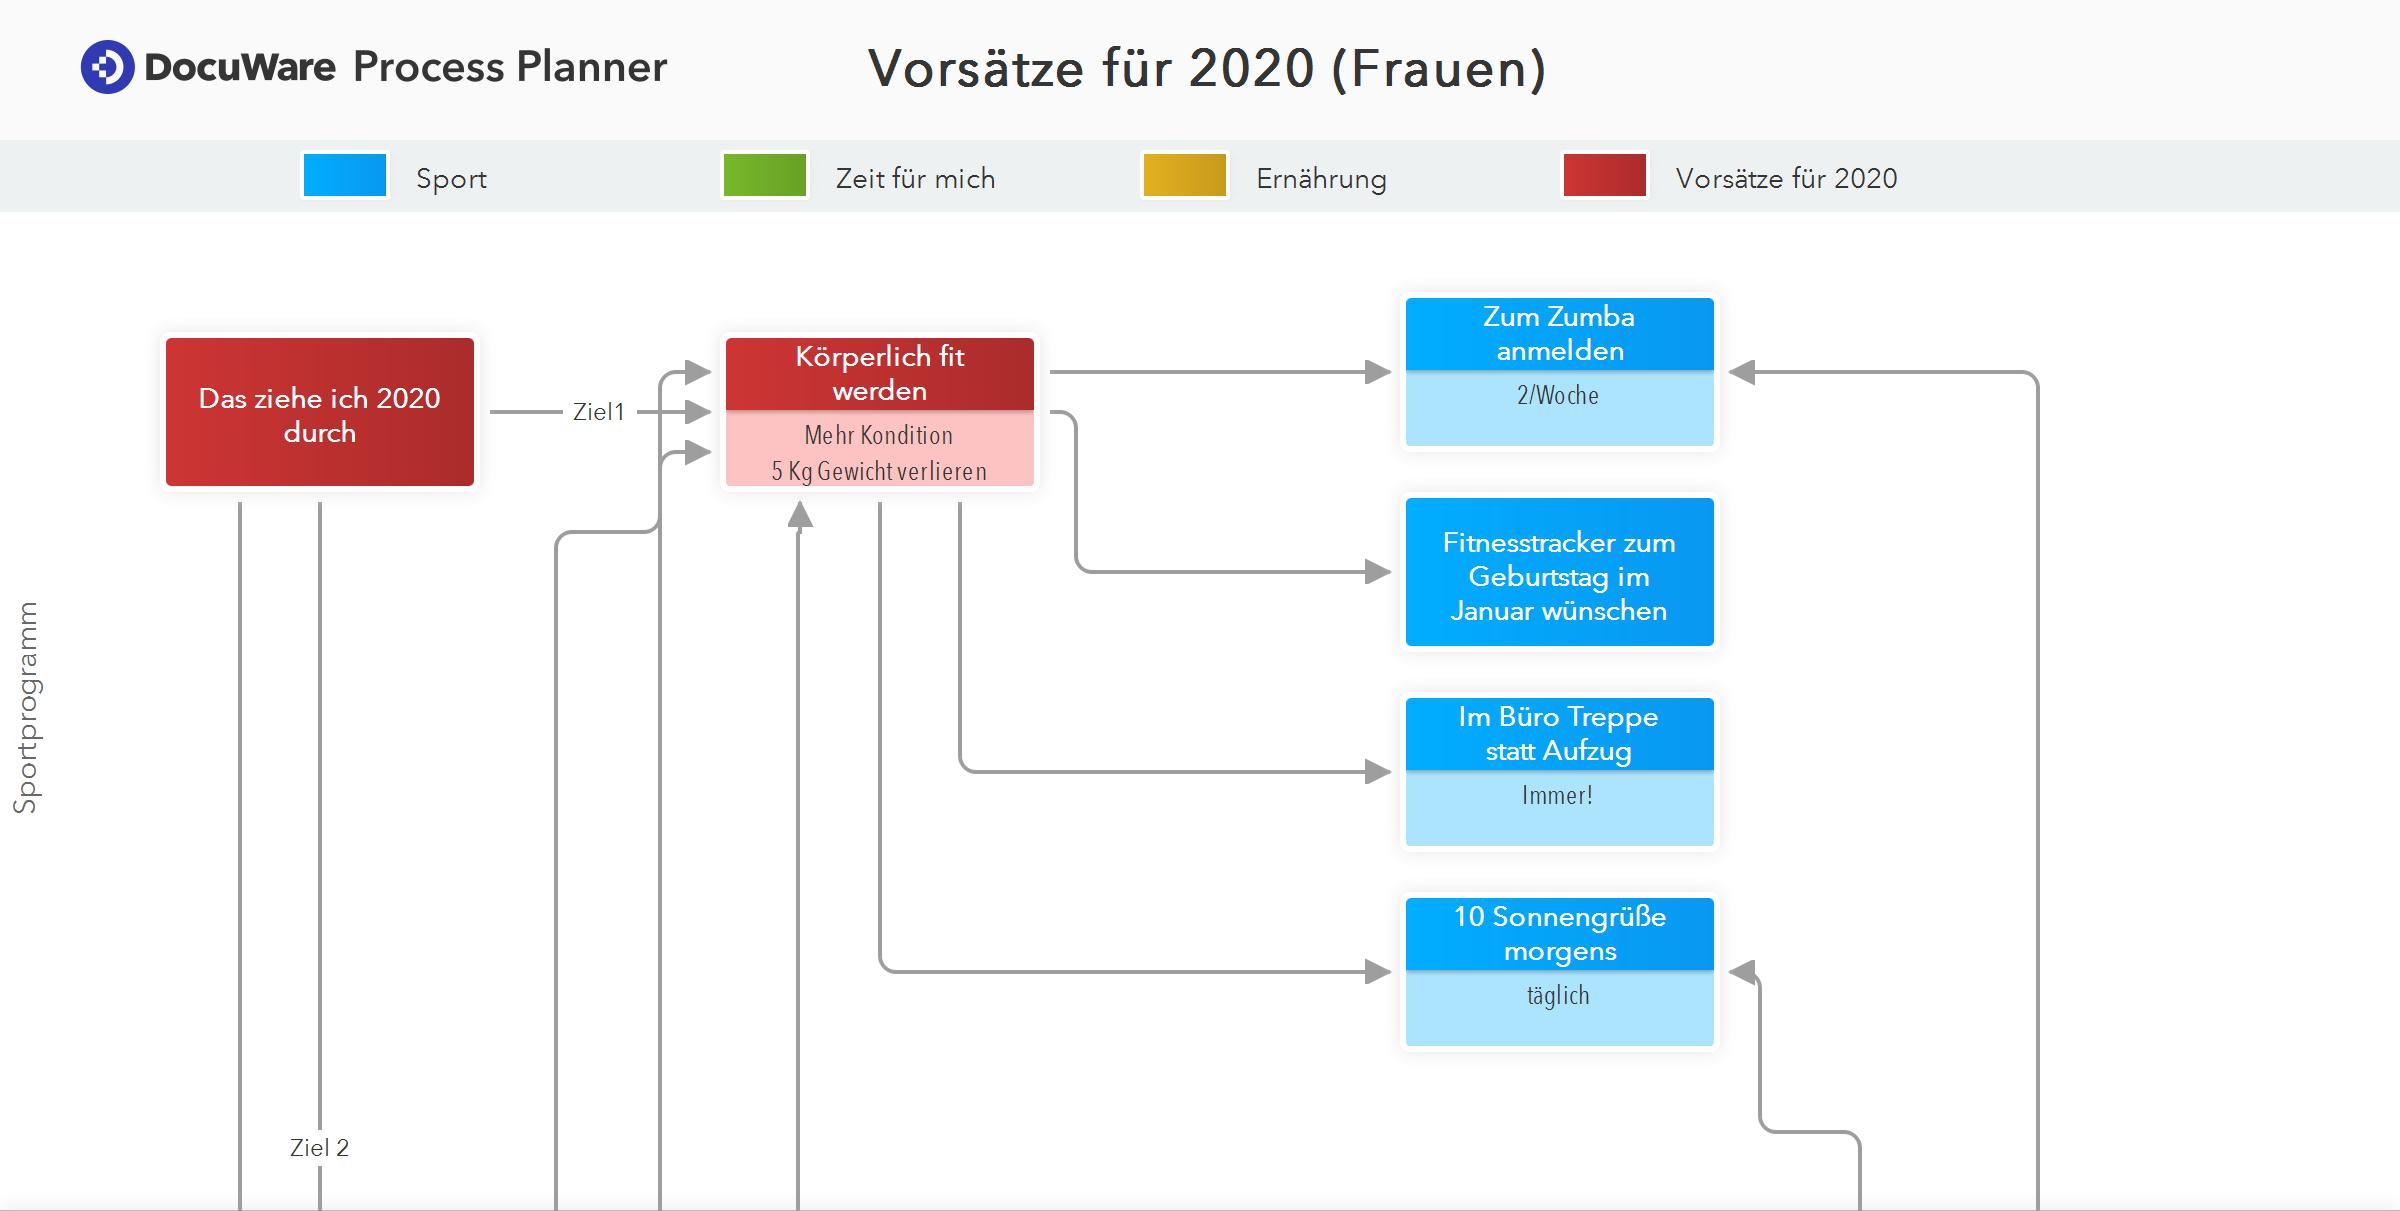 DocuWare Process Planner Vorsätze (Frauen)_a